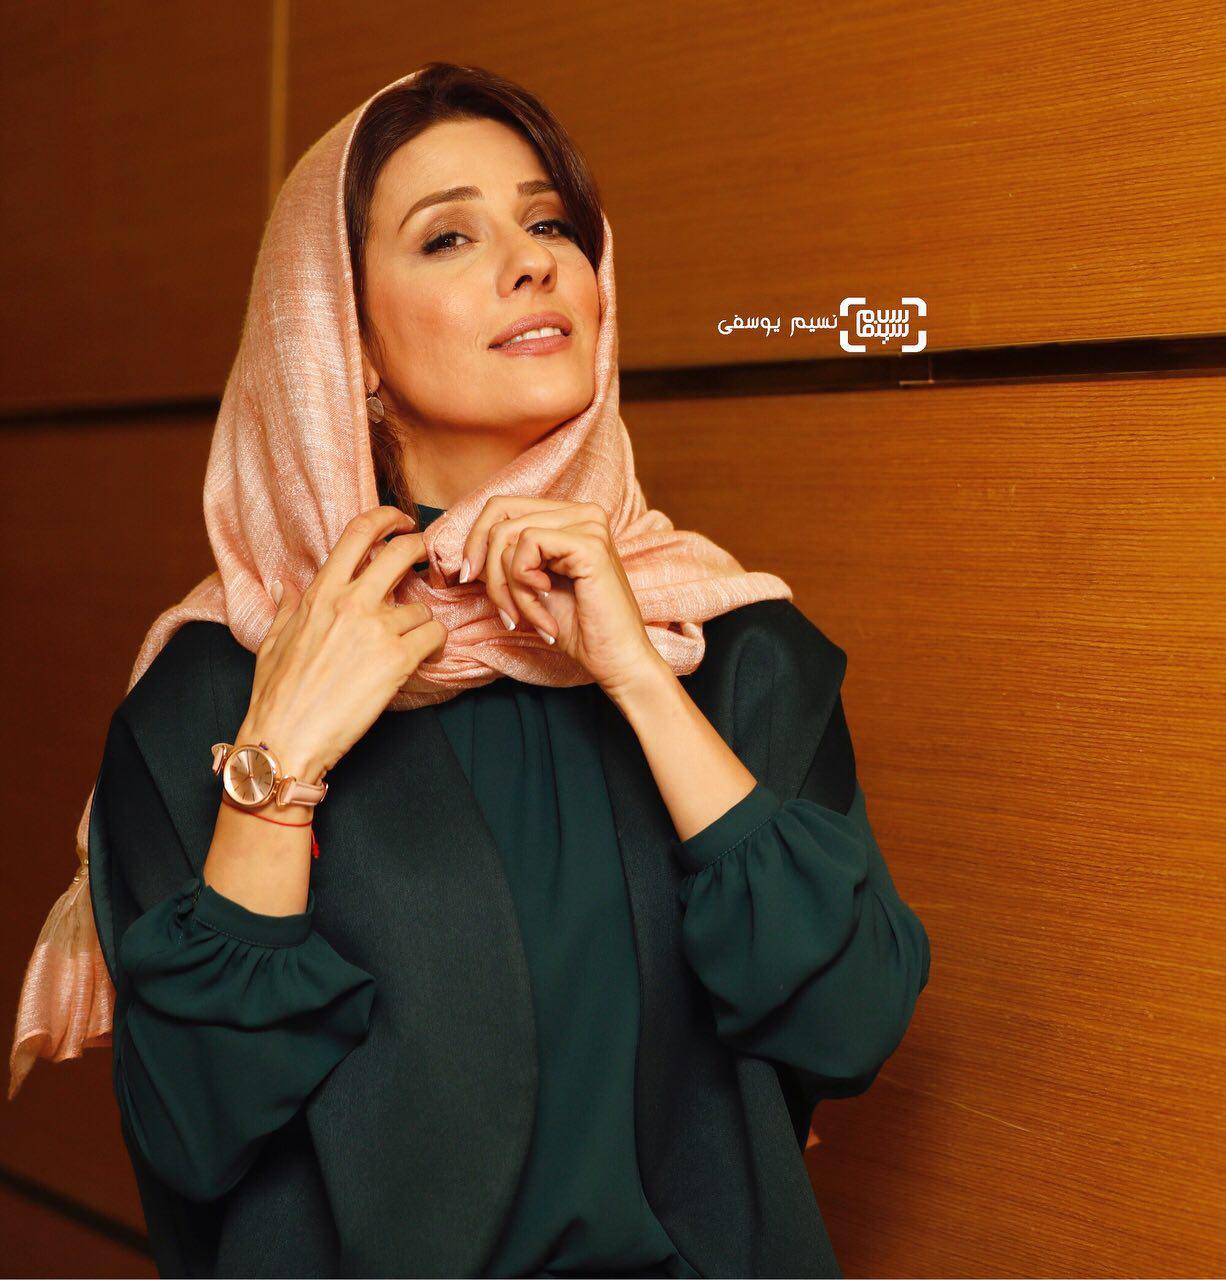 15 عکس برتر جشنواره فیلم فجر از قاب نسیم یوسفی/ سارا بهرامی